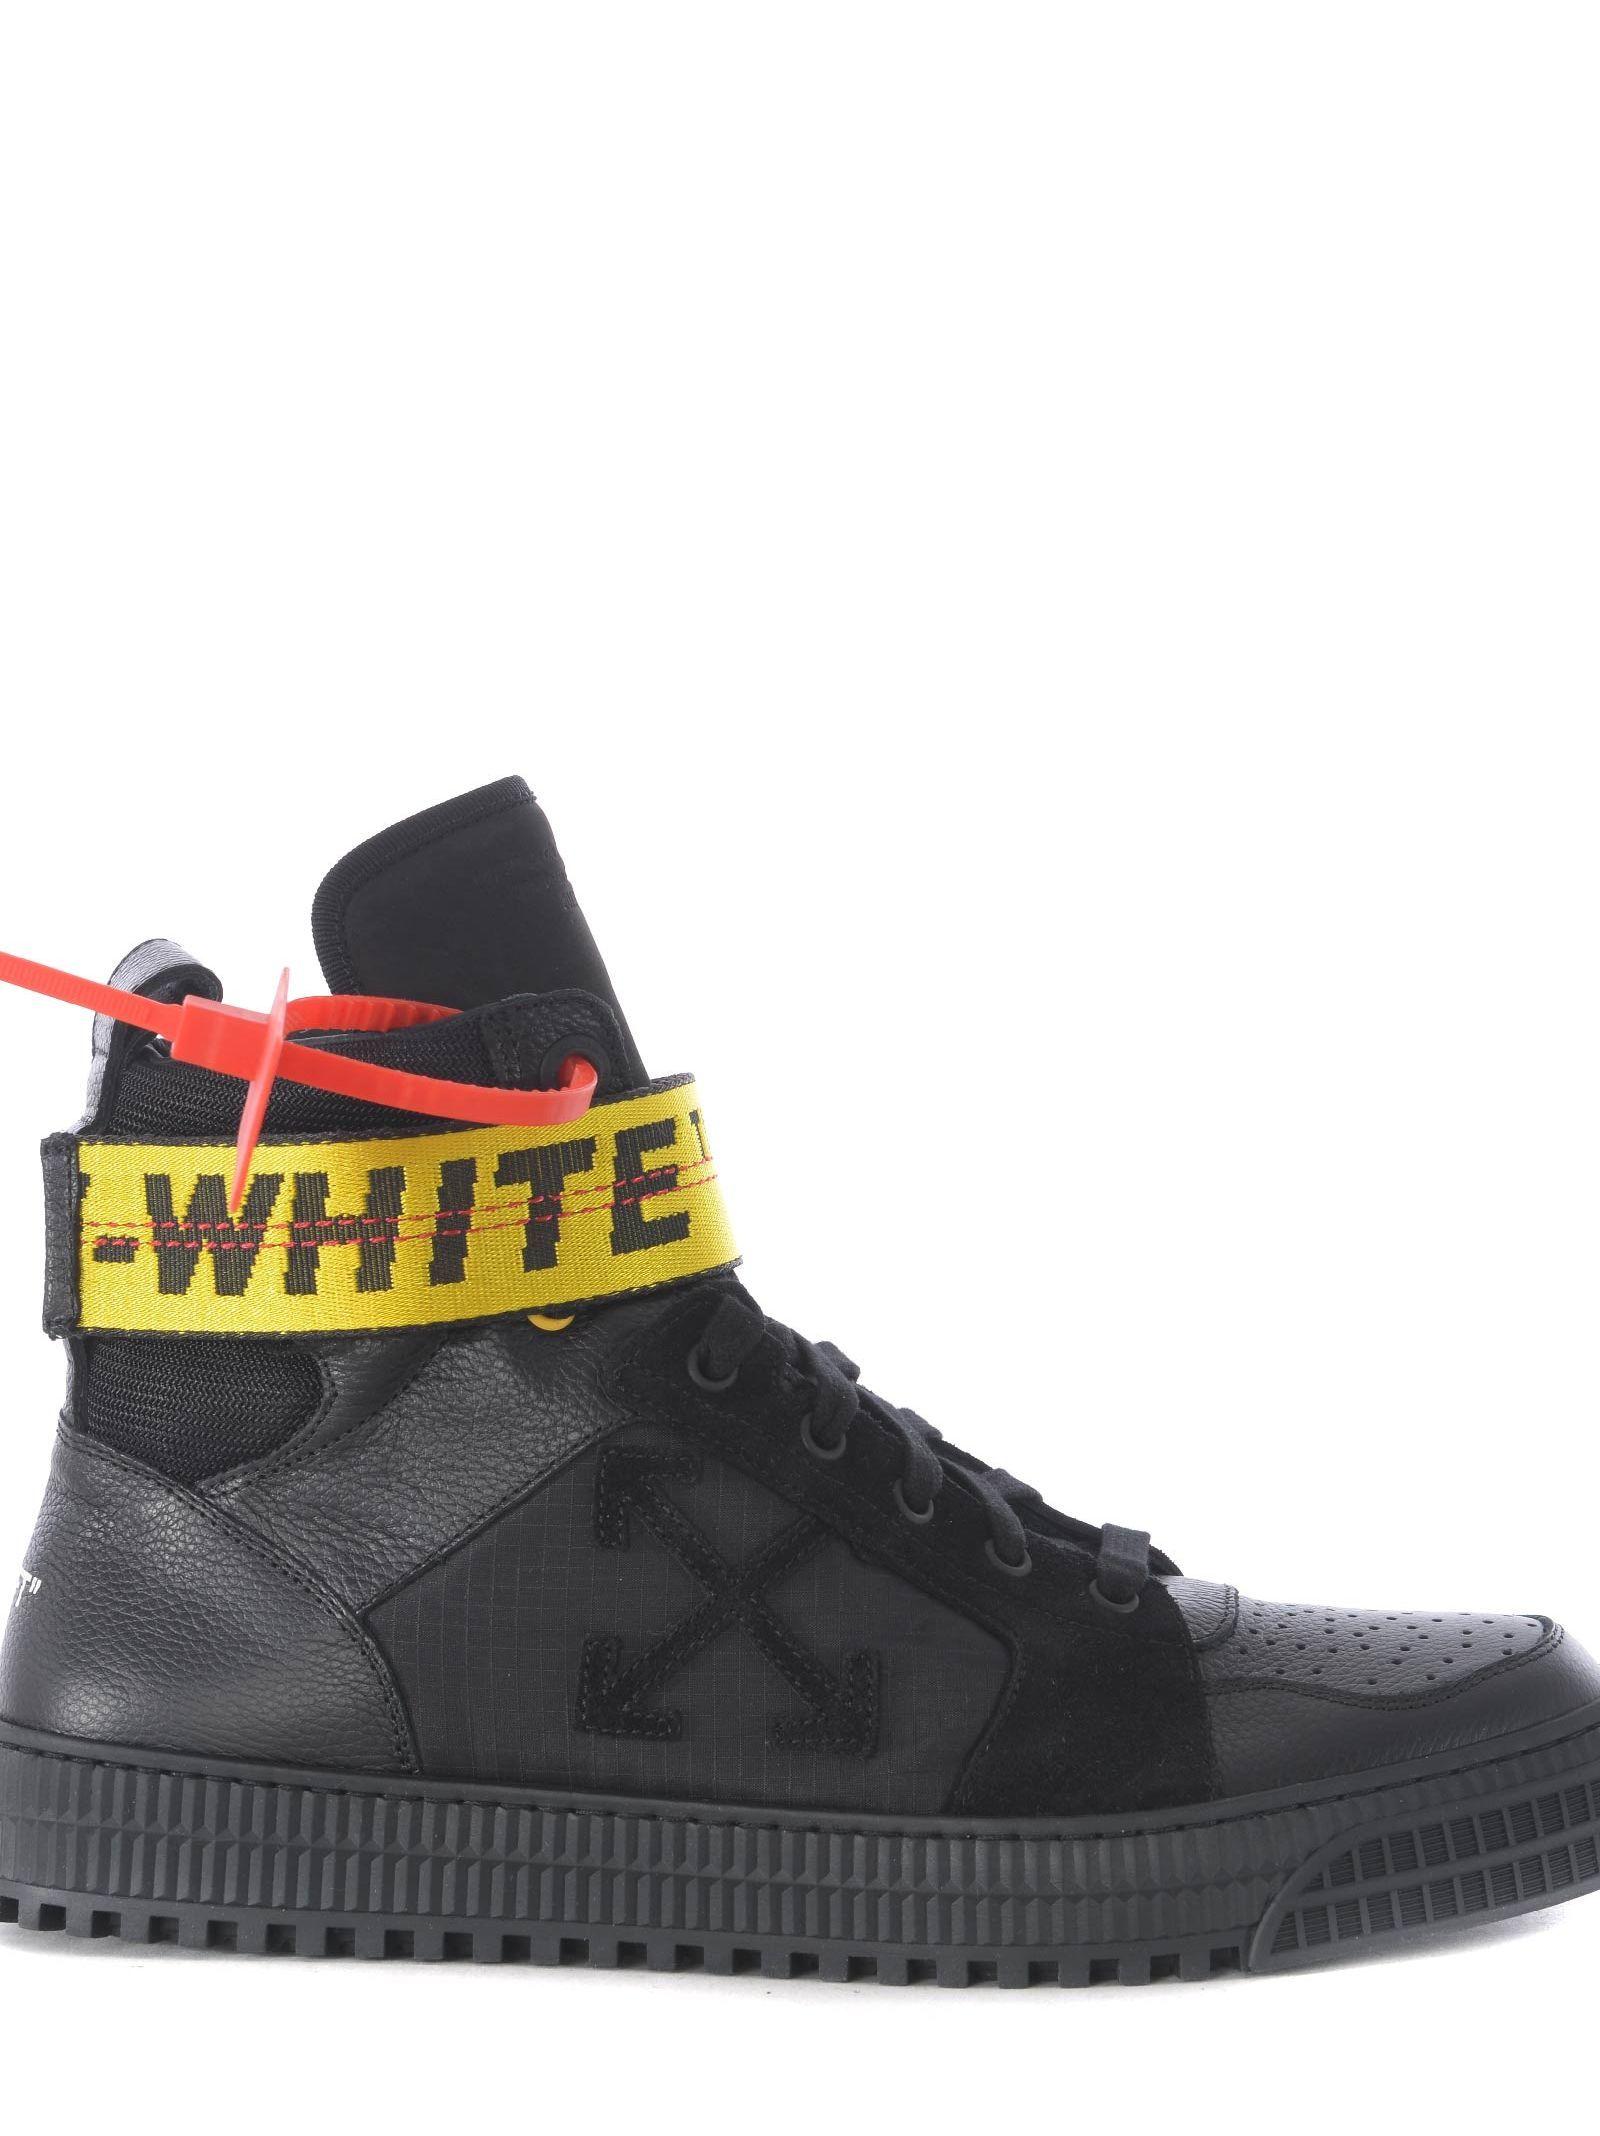 shoes   Top sneakers, Sneakers